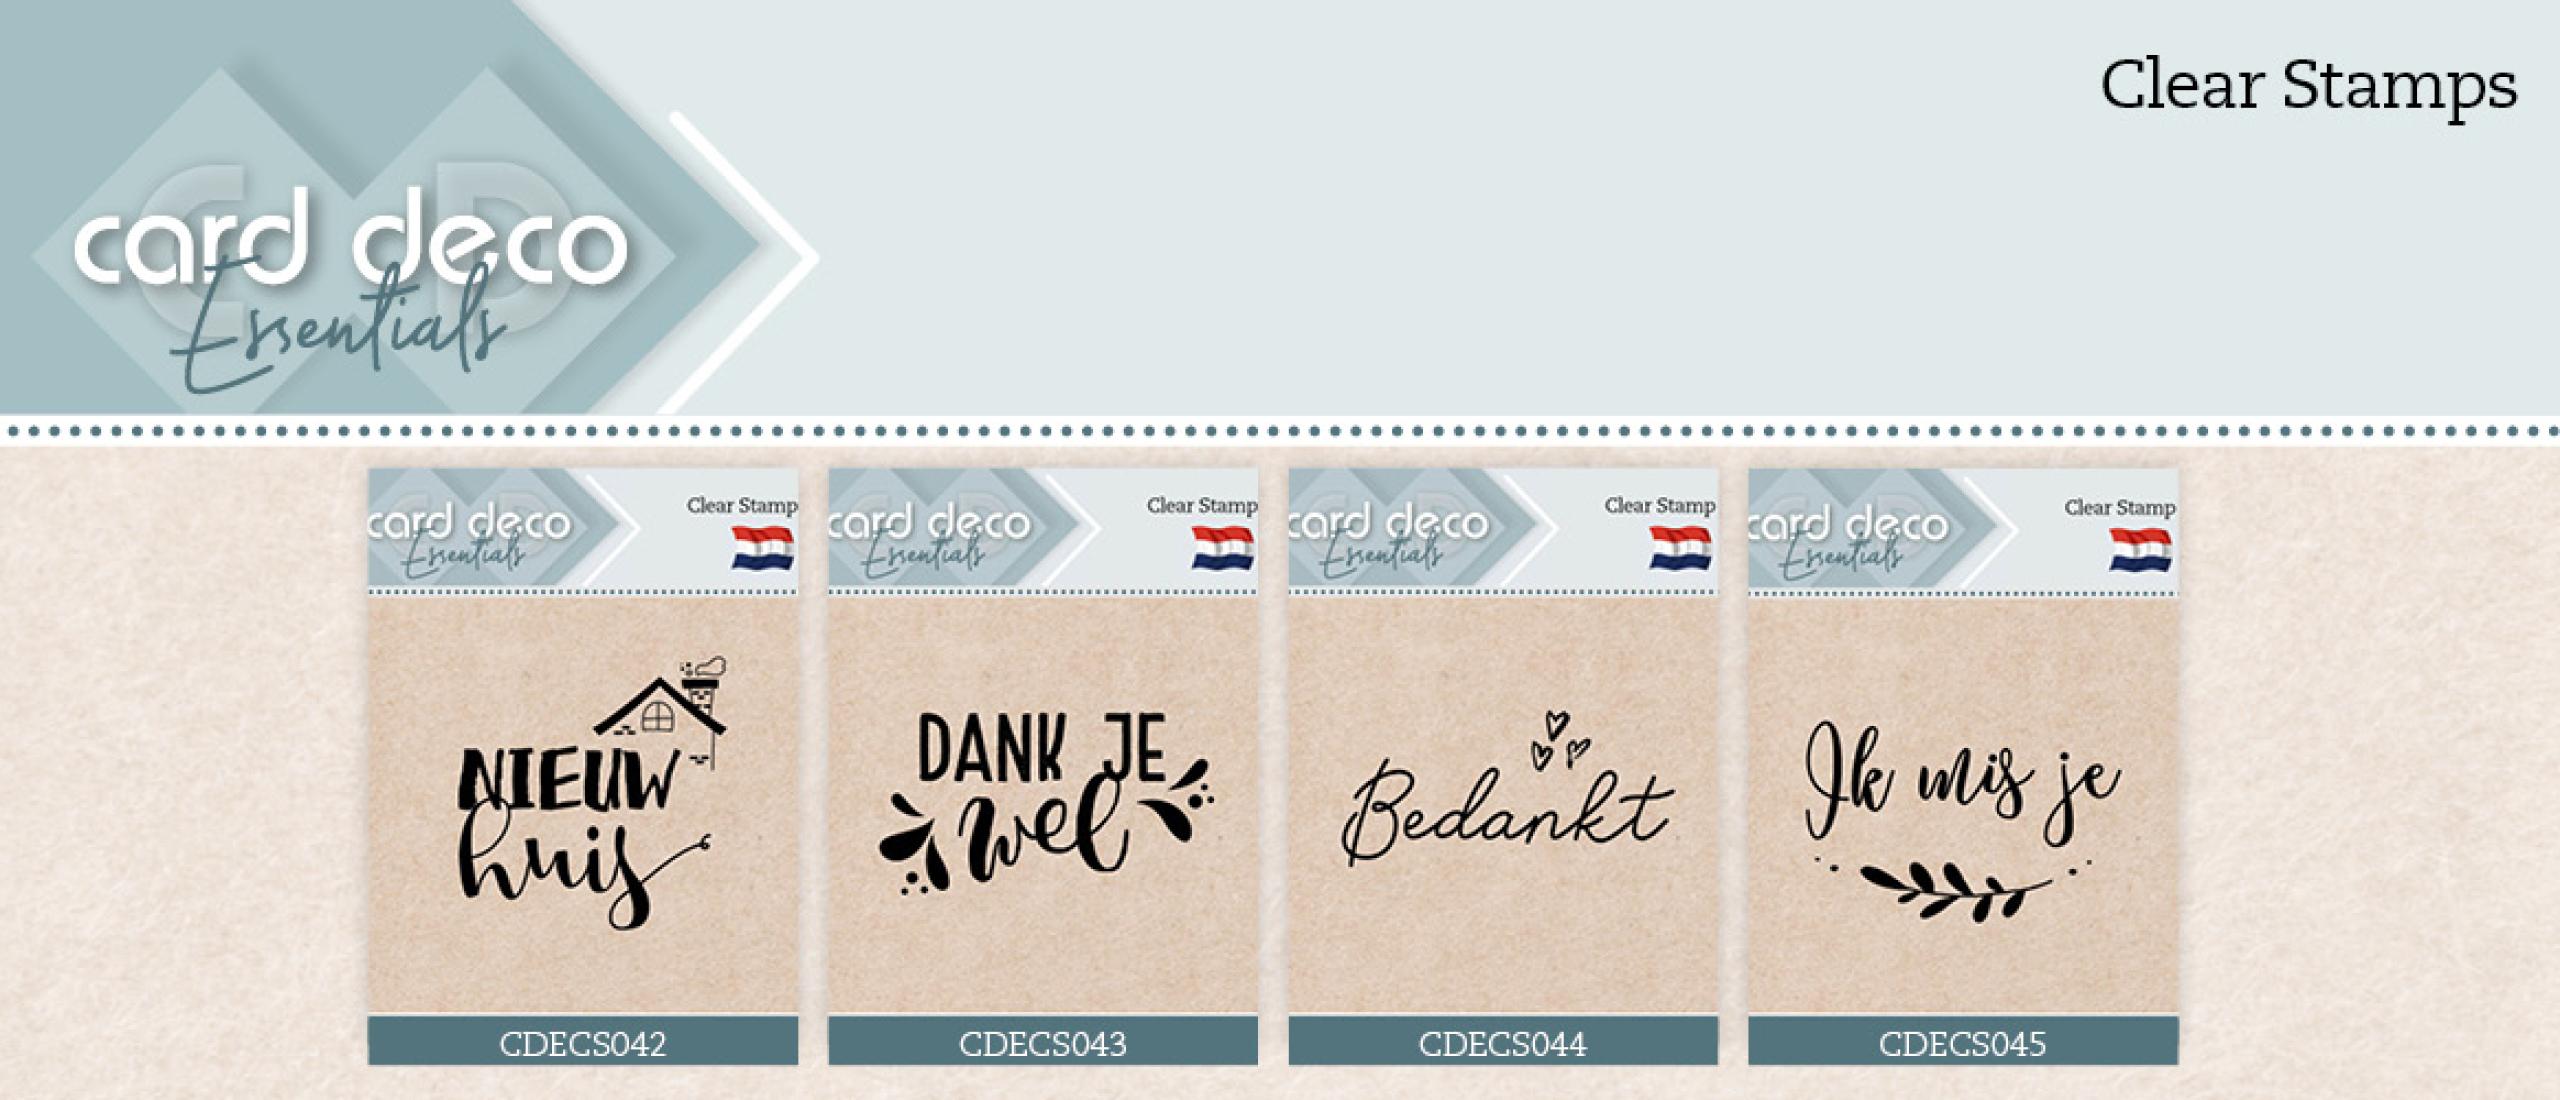 Card Deco Essentials - Clear Stamps CDECS042-CDECS045